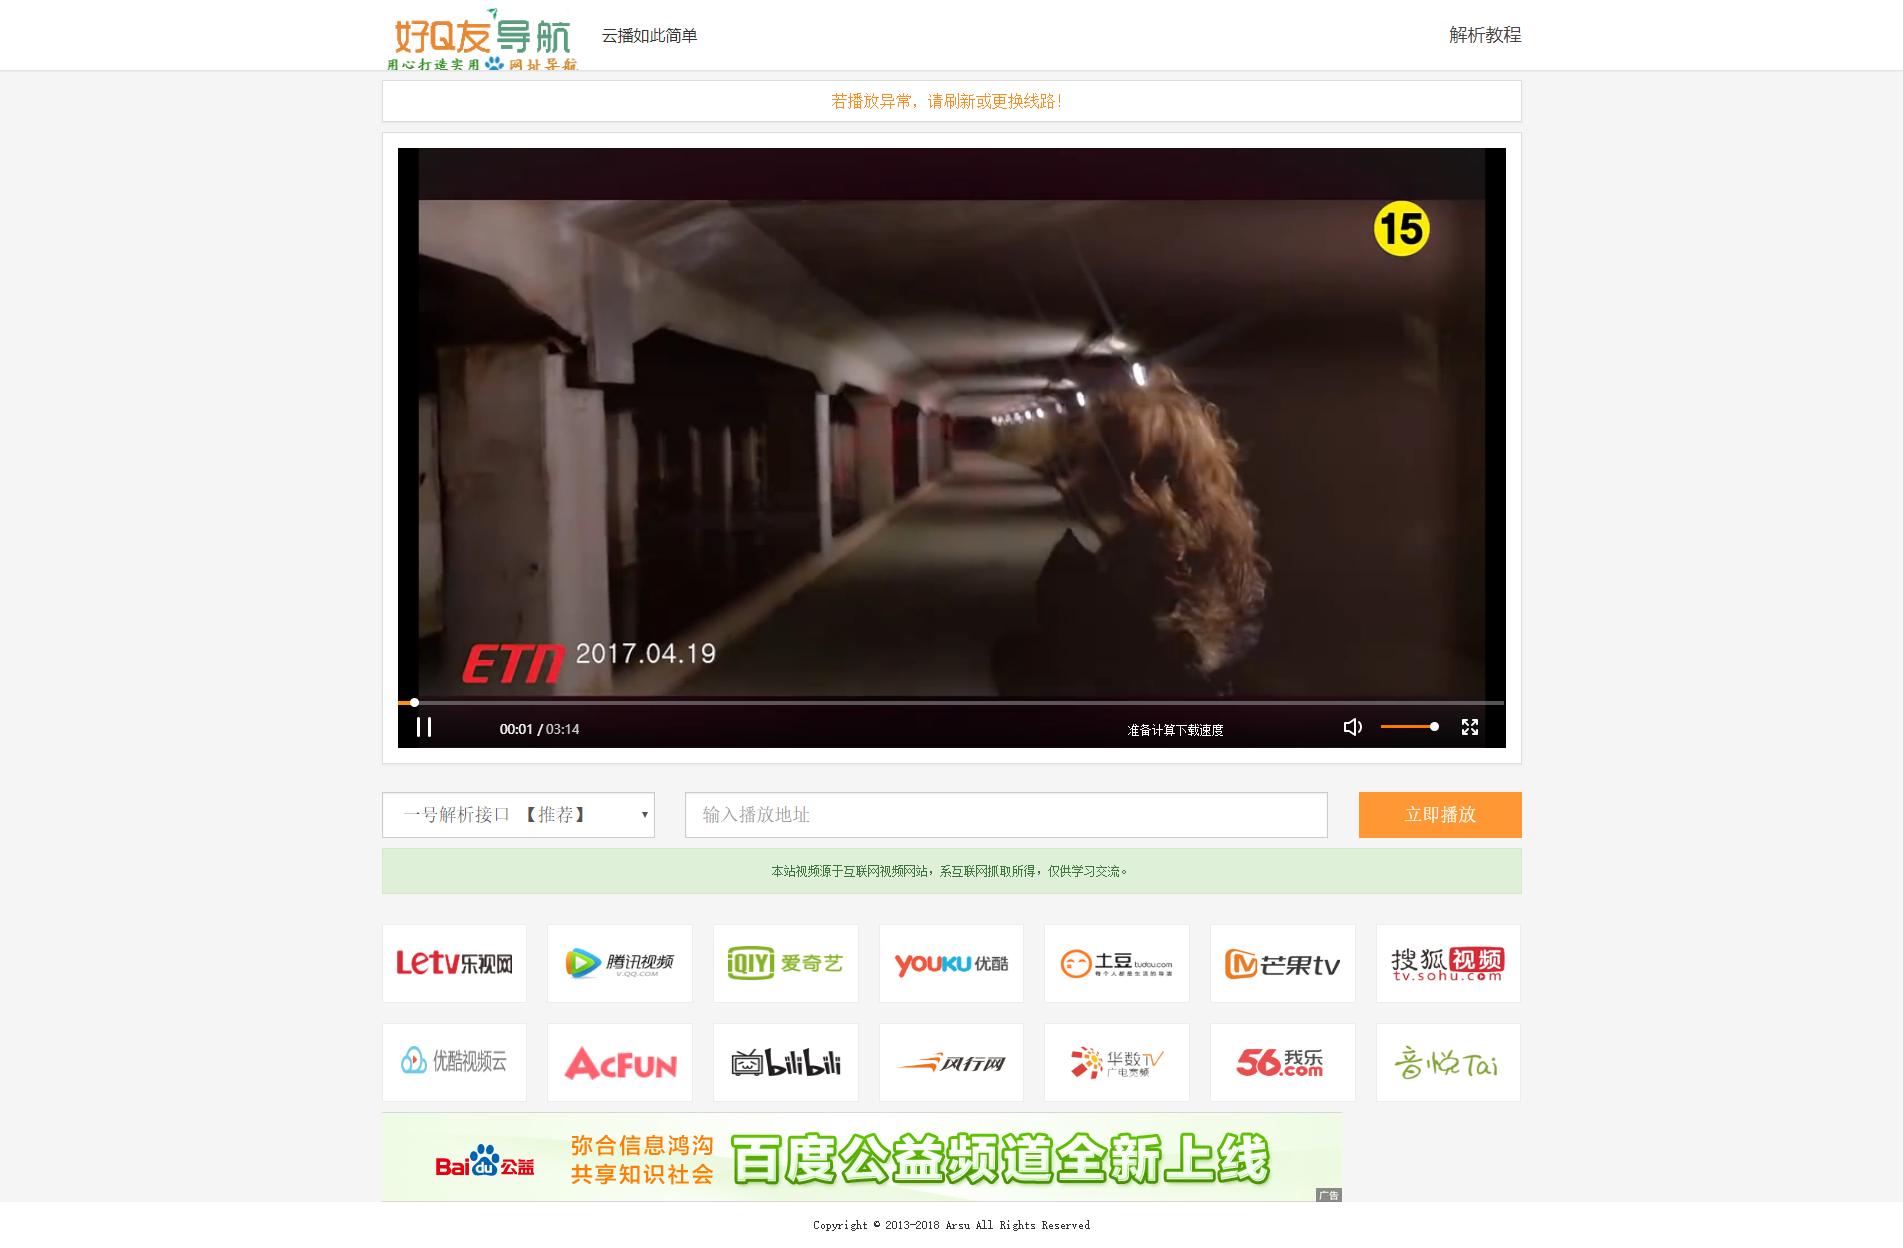 某VIP视频解析网源码【HTML单页】-小k娱乐网